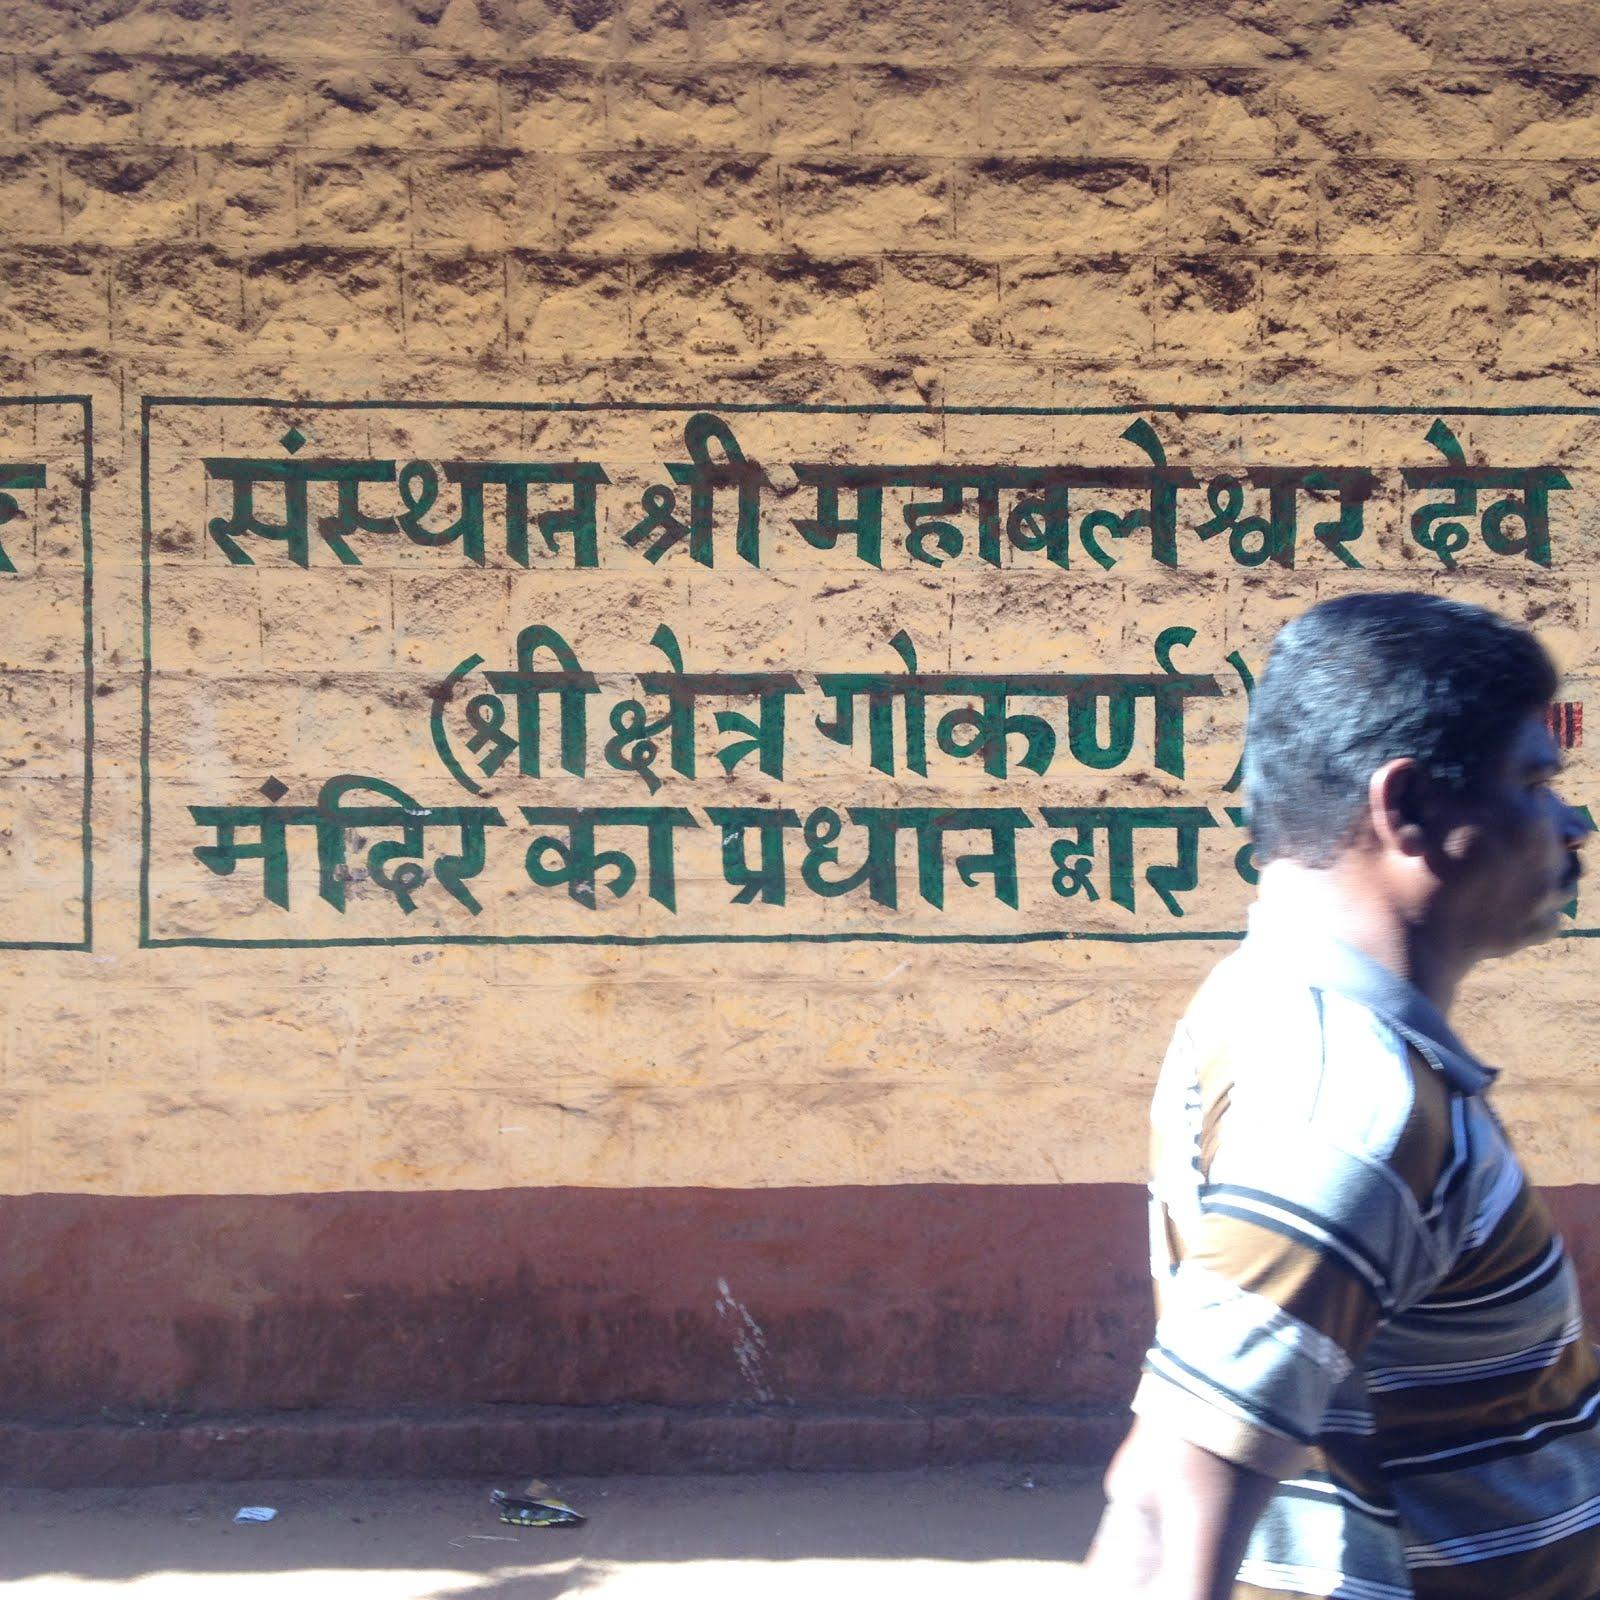 Matkalla kohti Intiaa - mitä tahansa Intiaa.